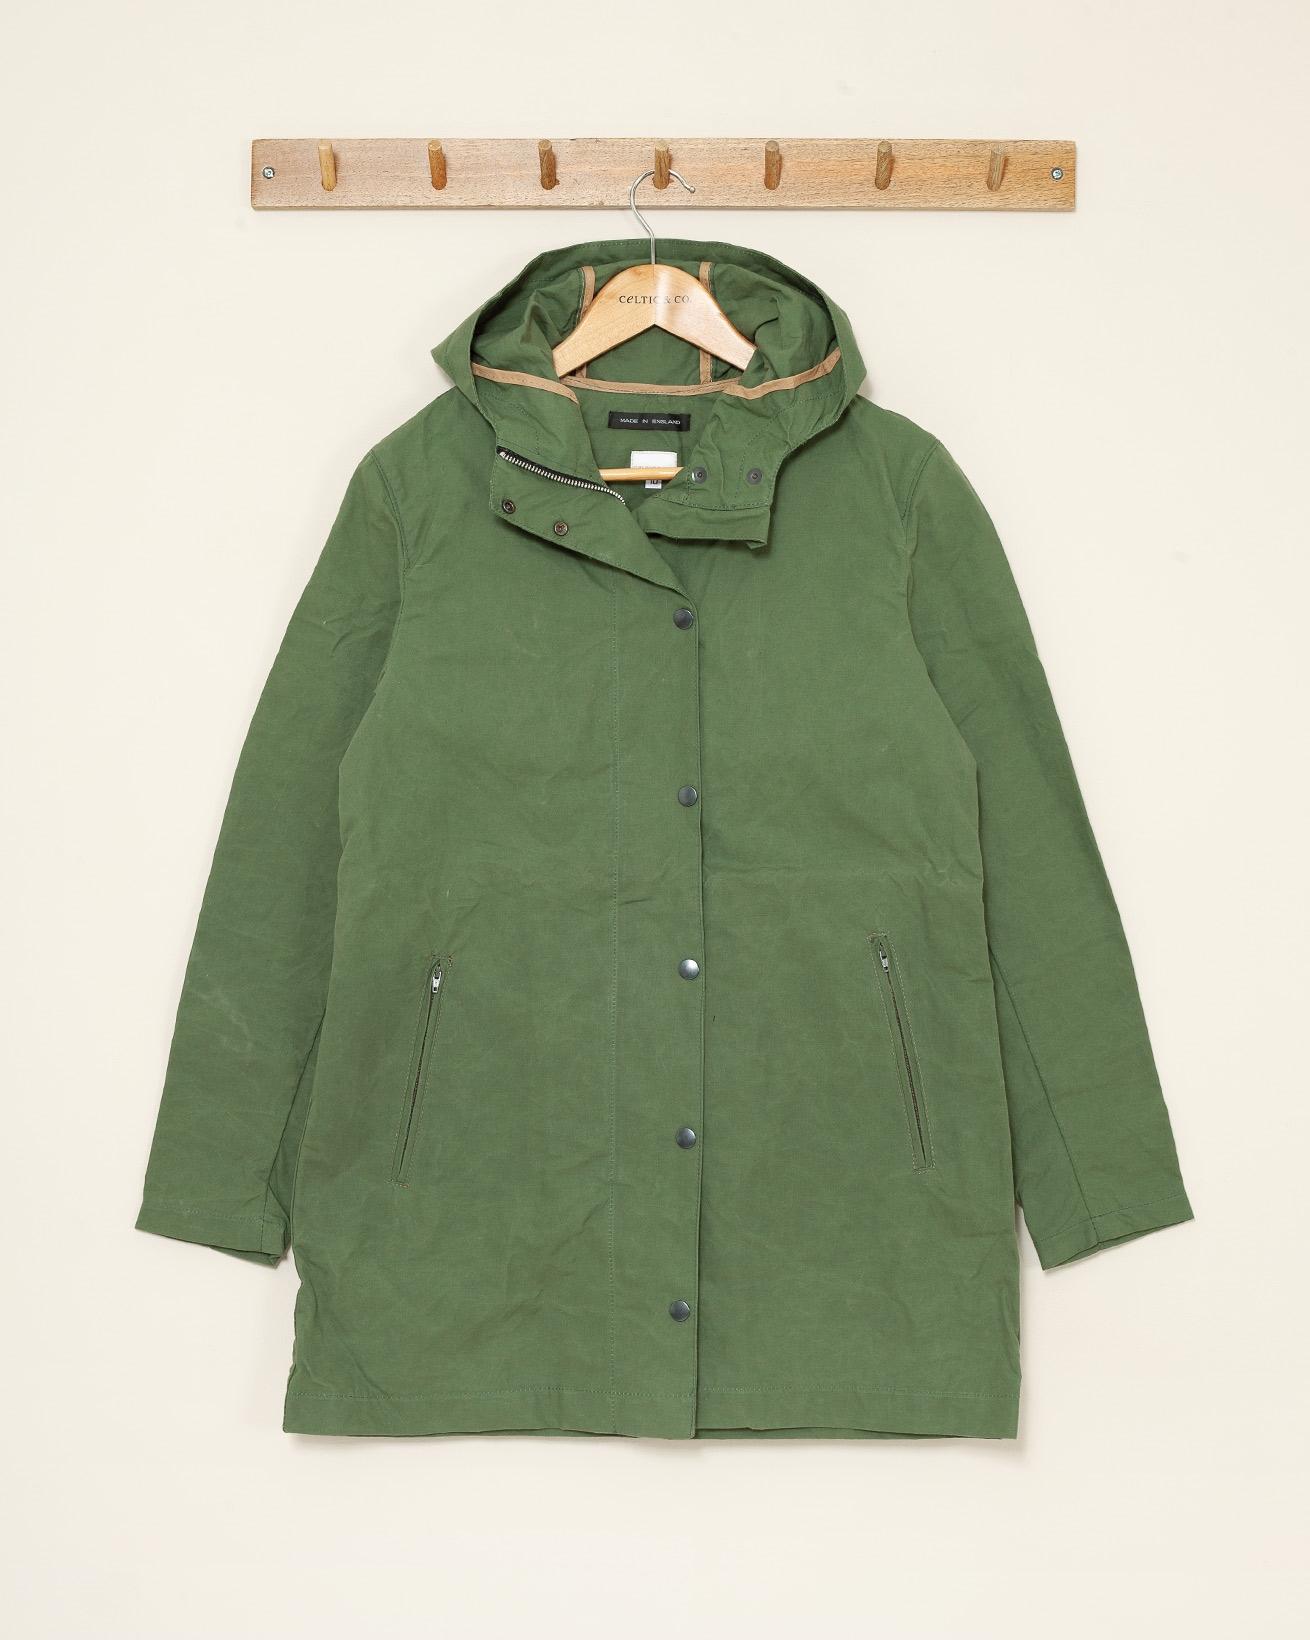 Unlined Wax Jacket - Size 10 - Moss Green - 1120